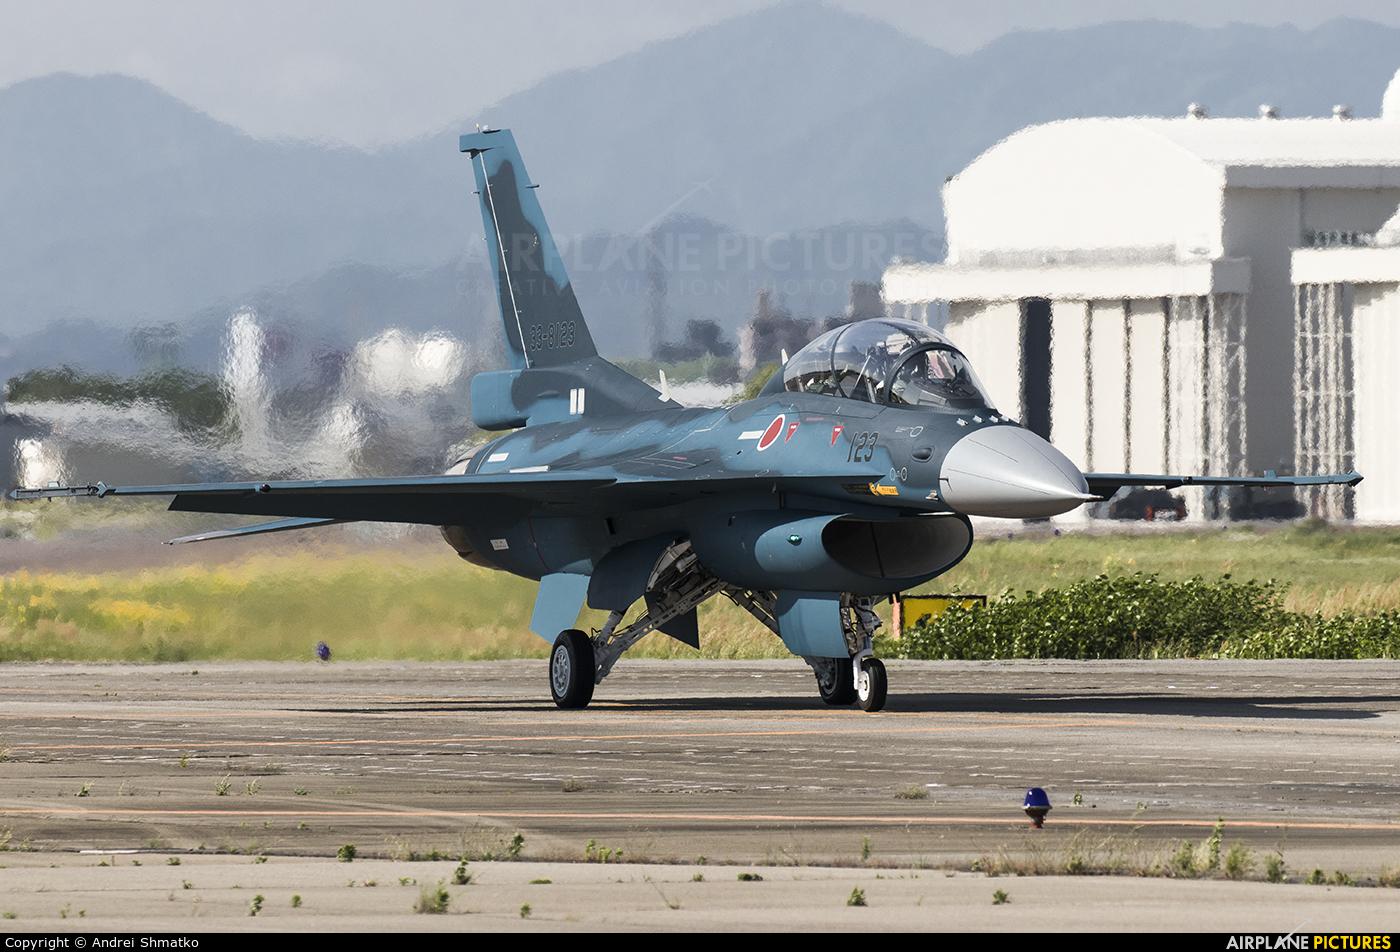 Japan - Air Self Defence Force 33-8123 aircraft at Nagoya - Komaki AB